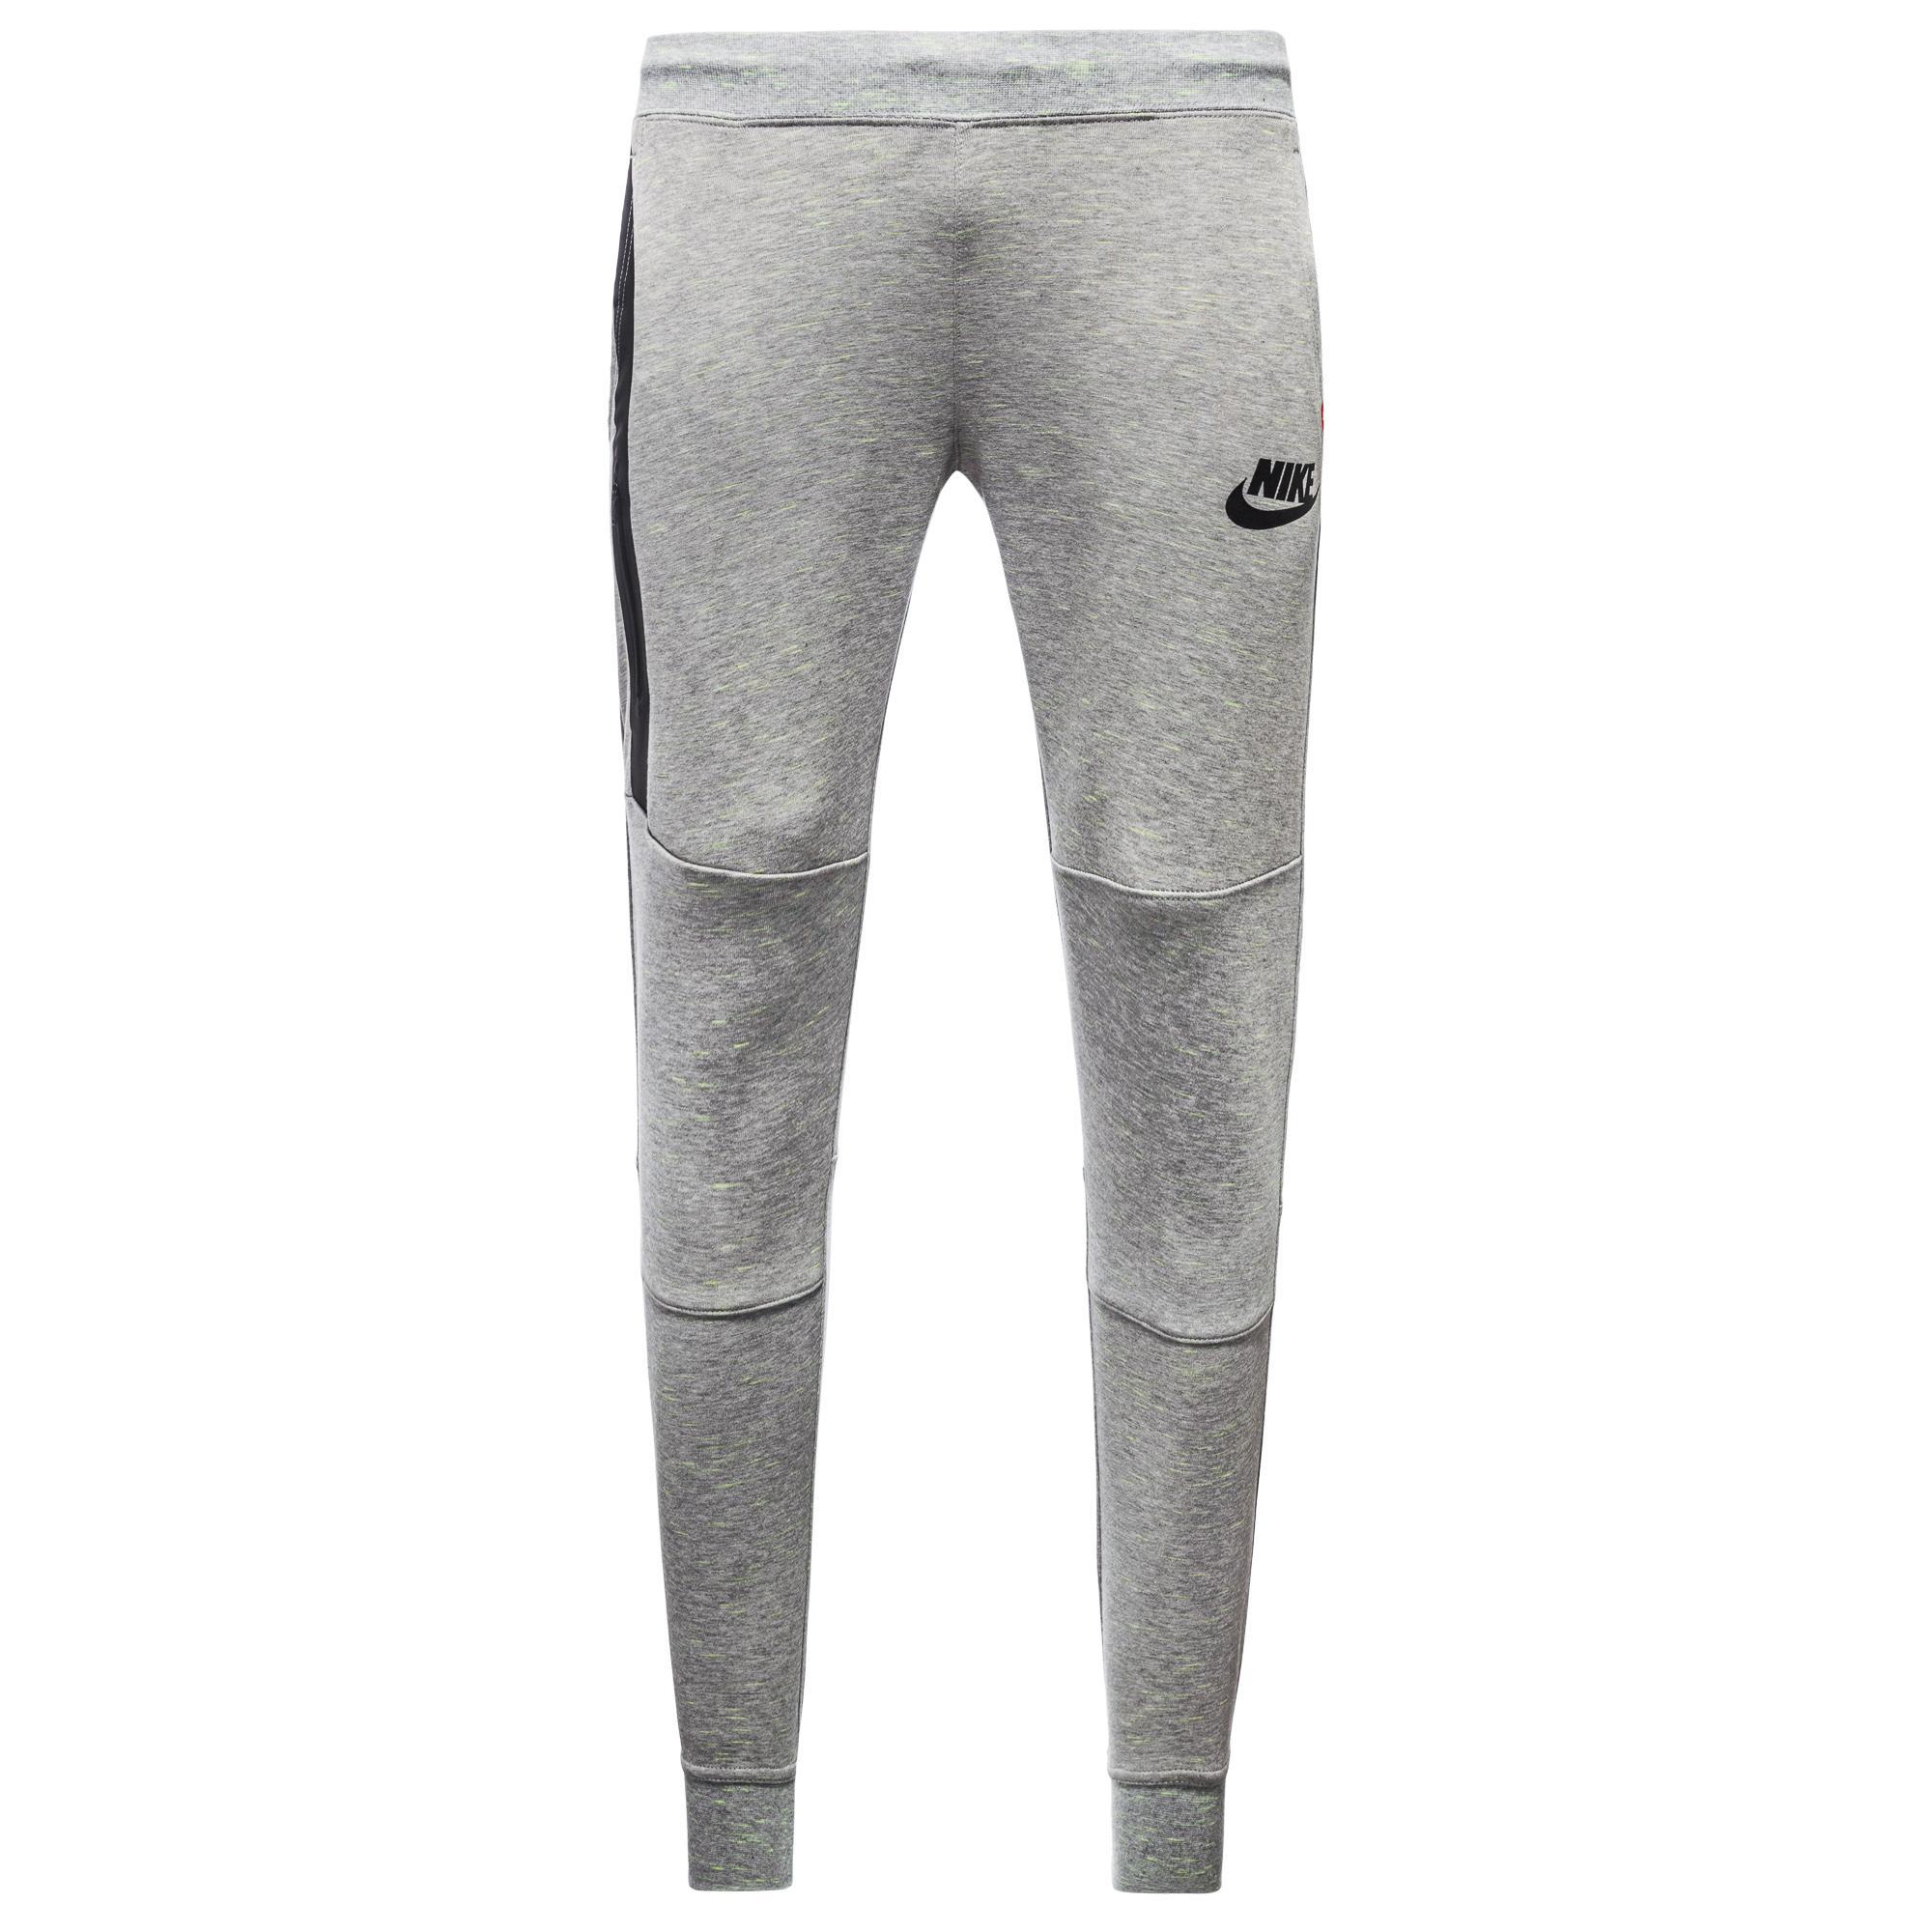 Nike Träningsbyxor Tech Fleece Grå Barn